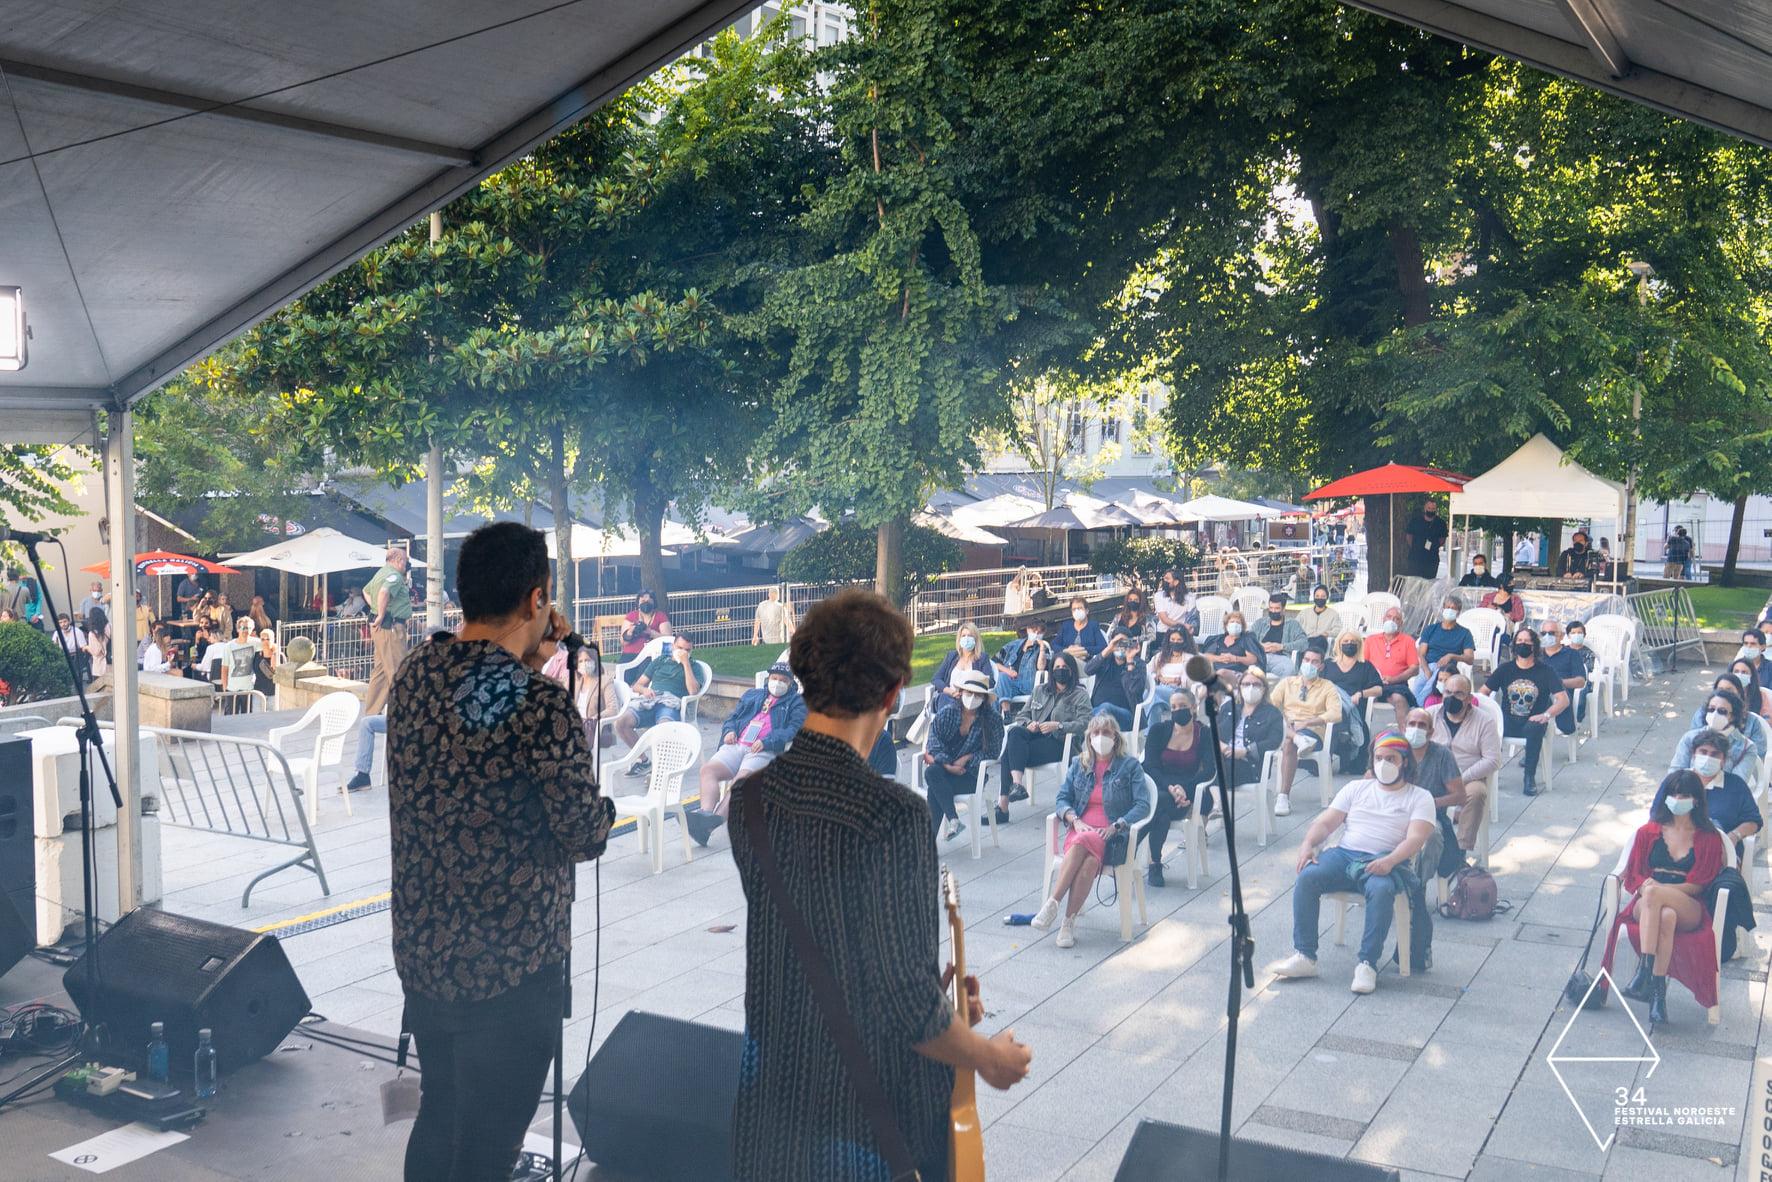 Ataque Escampe y Chasis cumplen la promesa de un cielo despejado en el Campo da Leña y hacen vibrar al público con su música